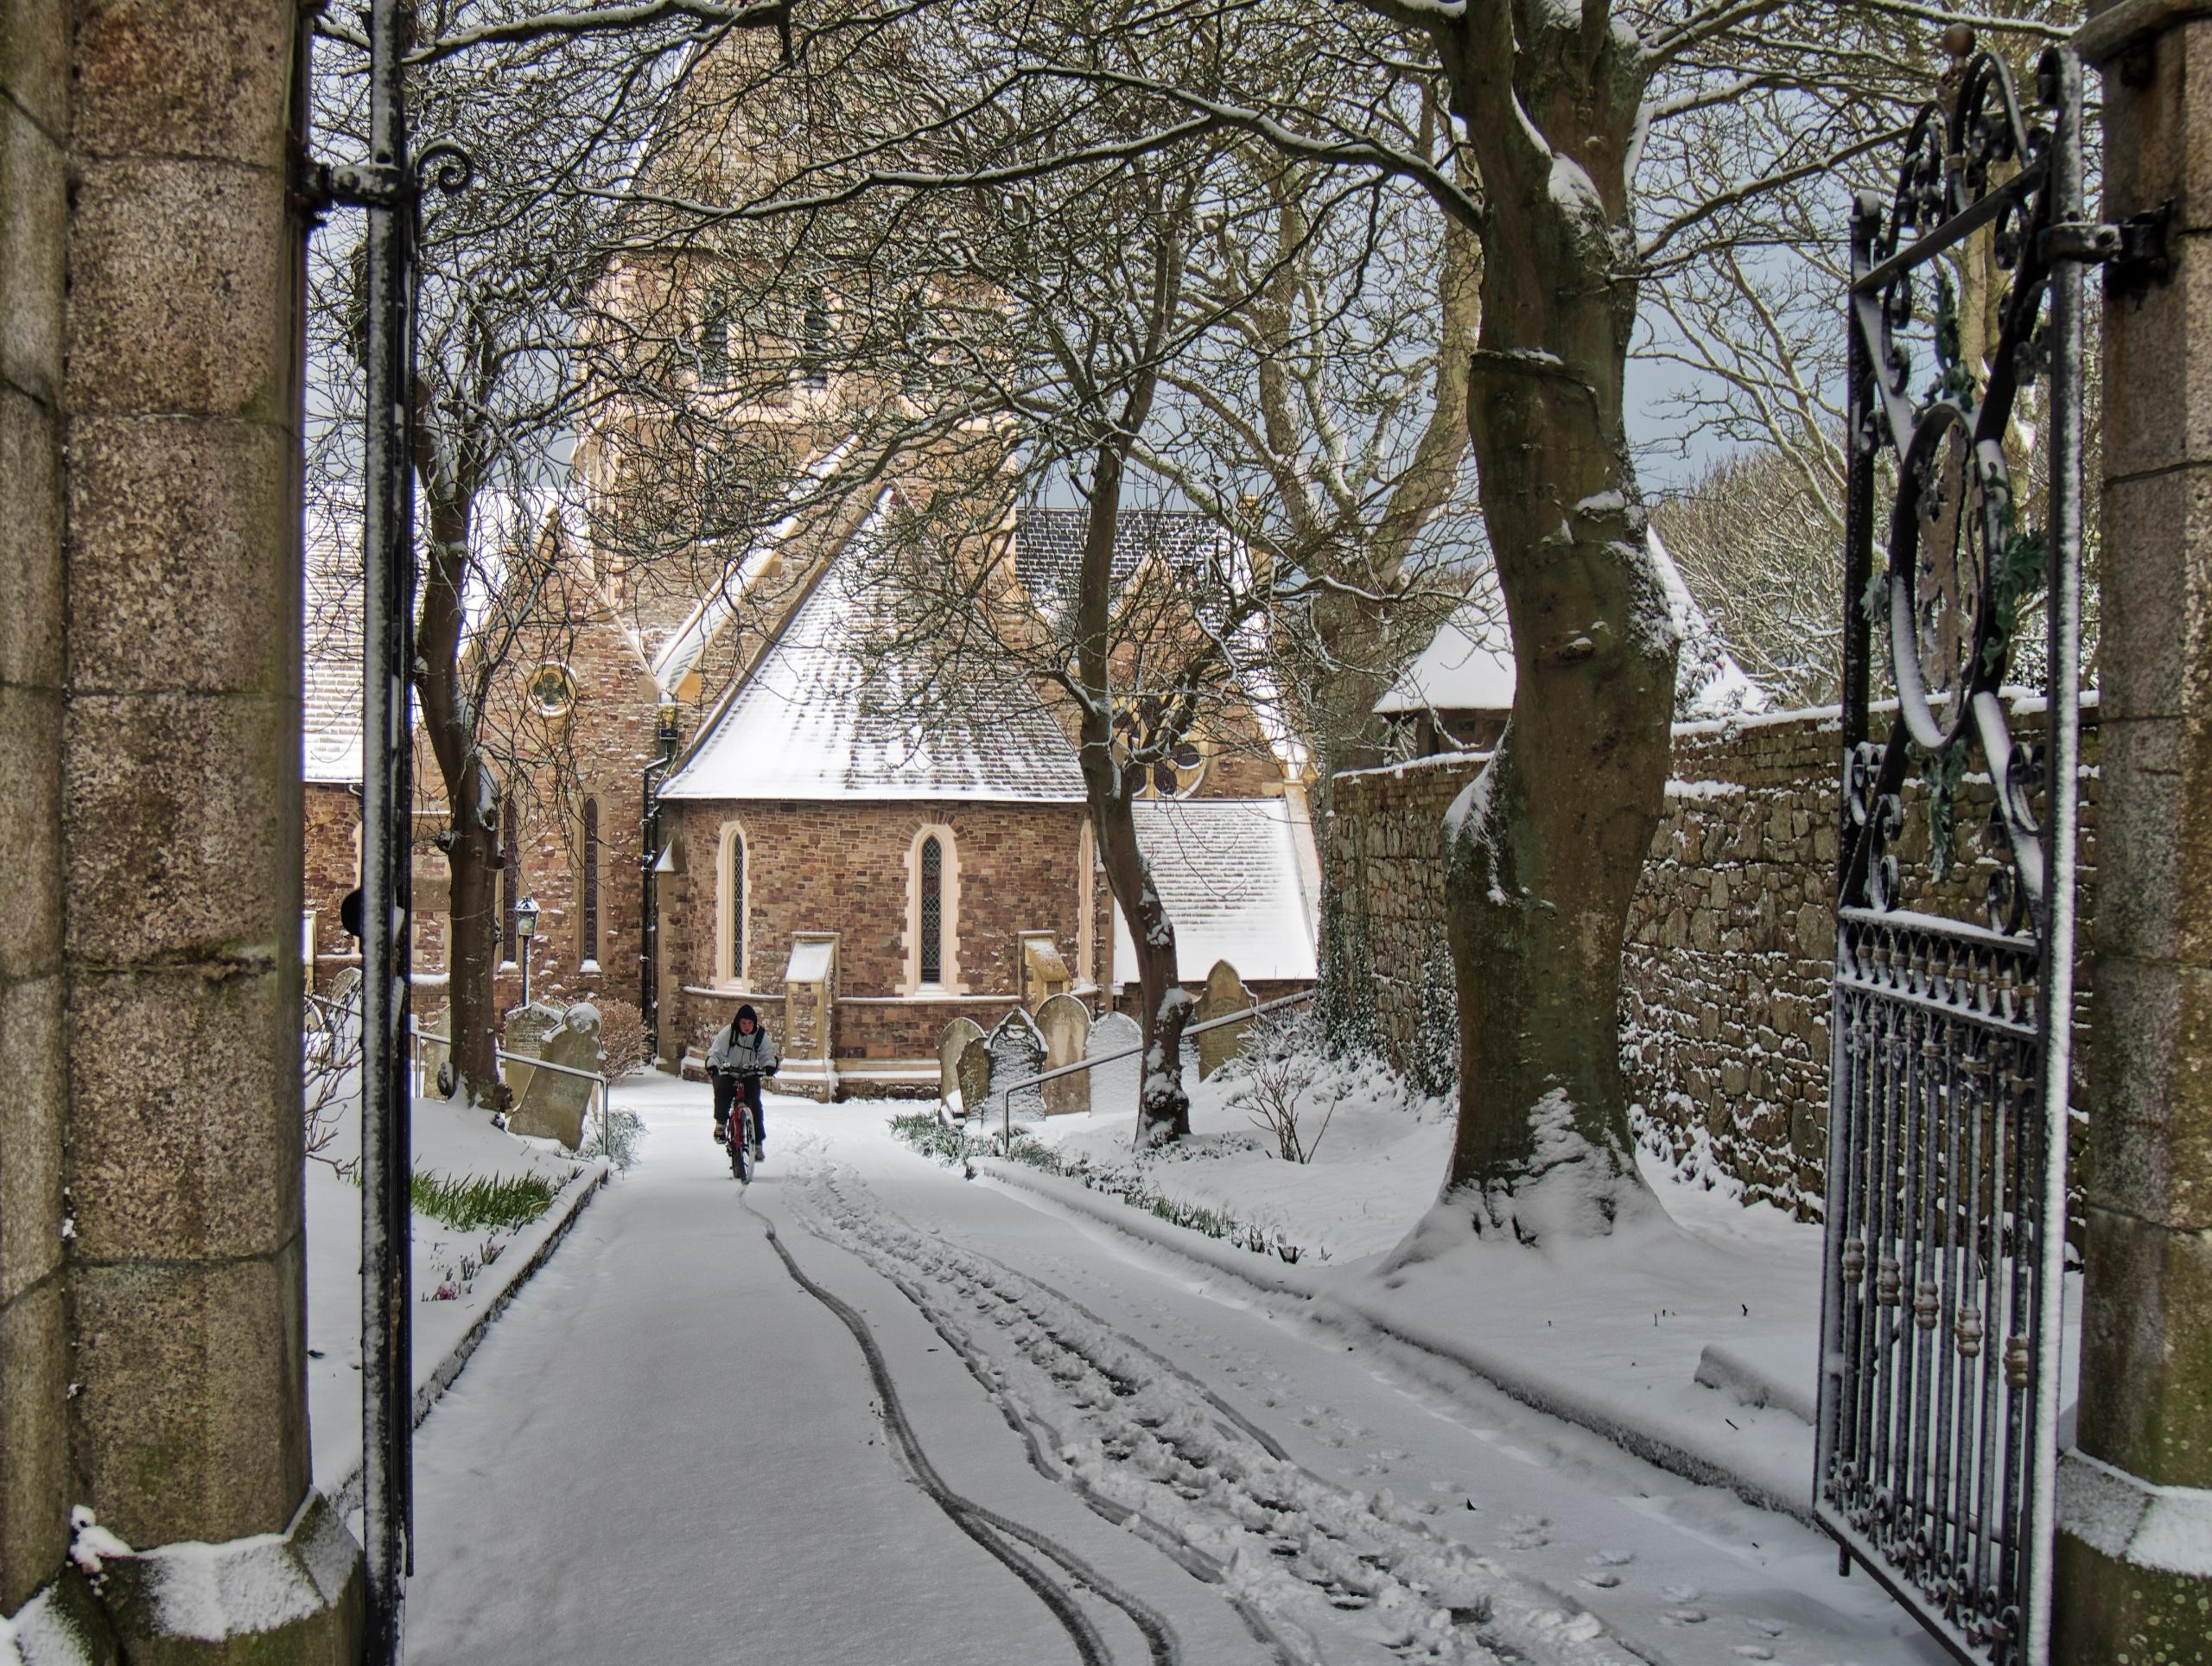 Snowing - snowing heavily islan - neilhoward   ello